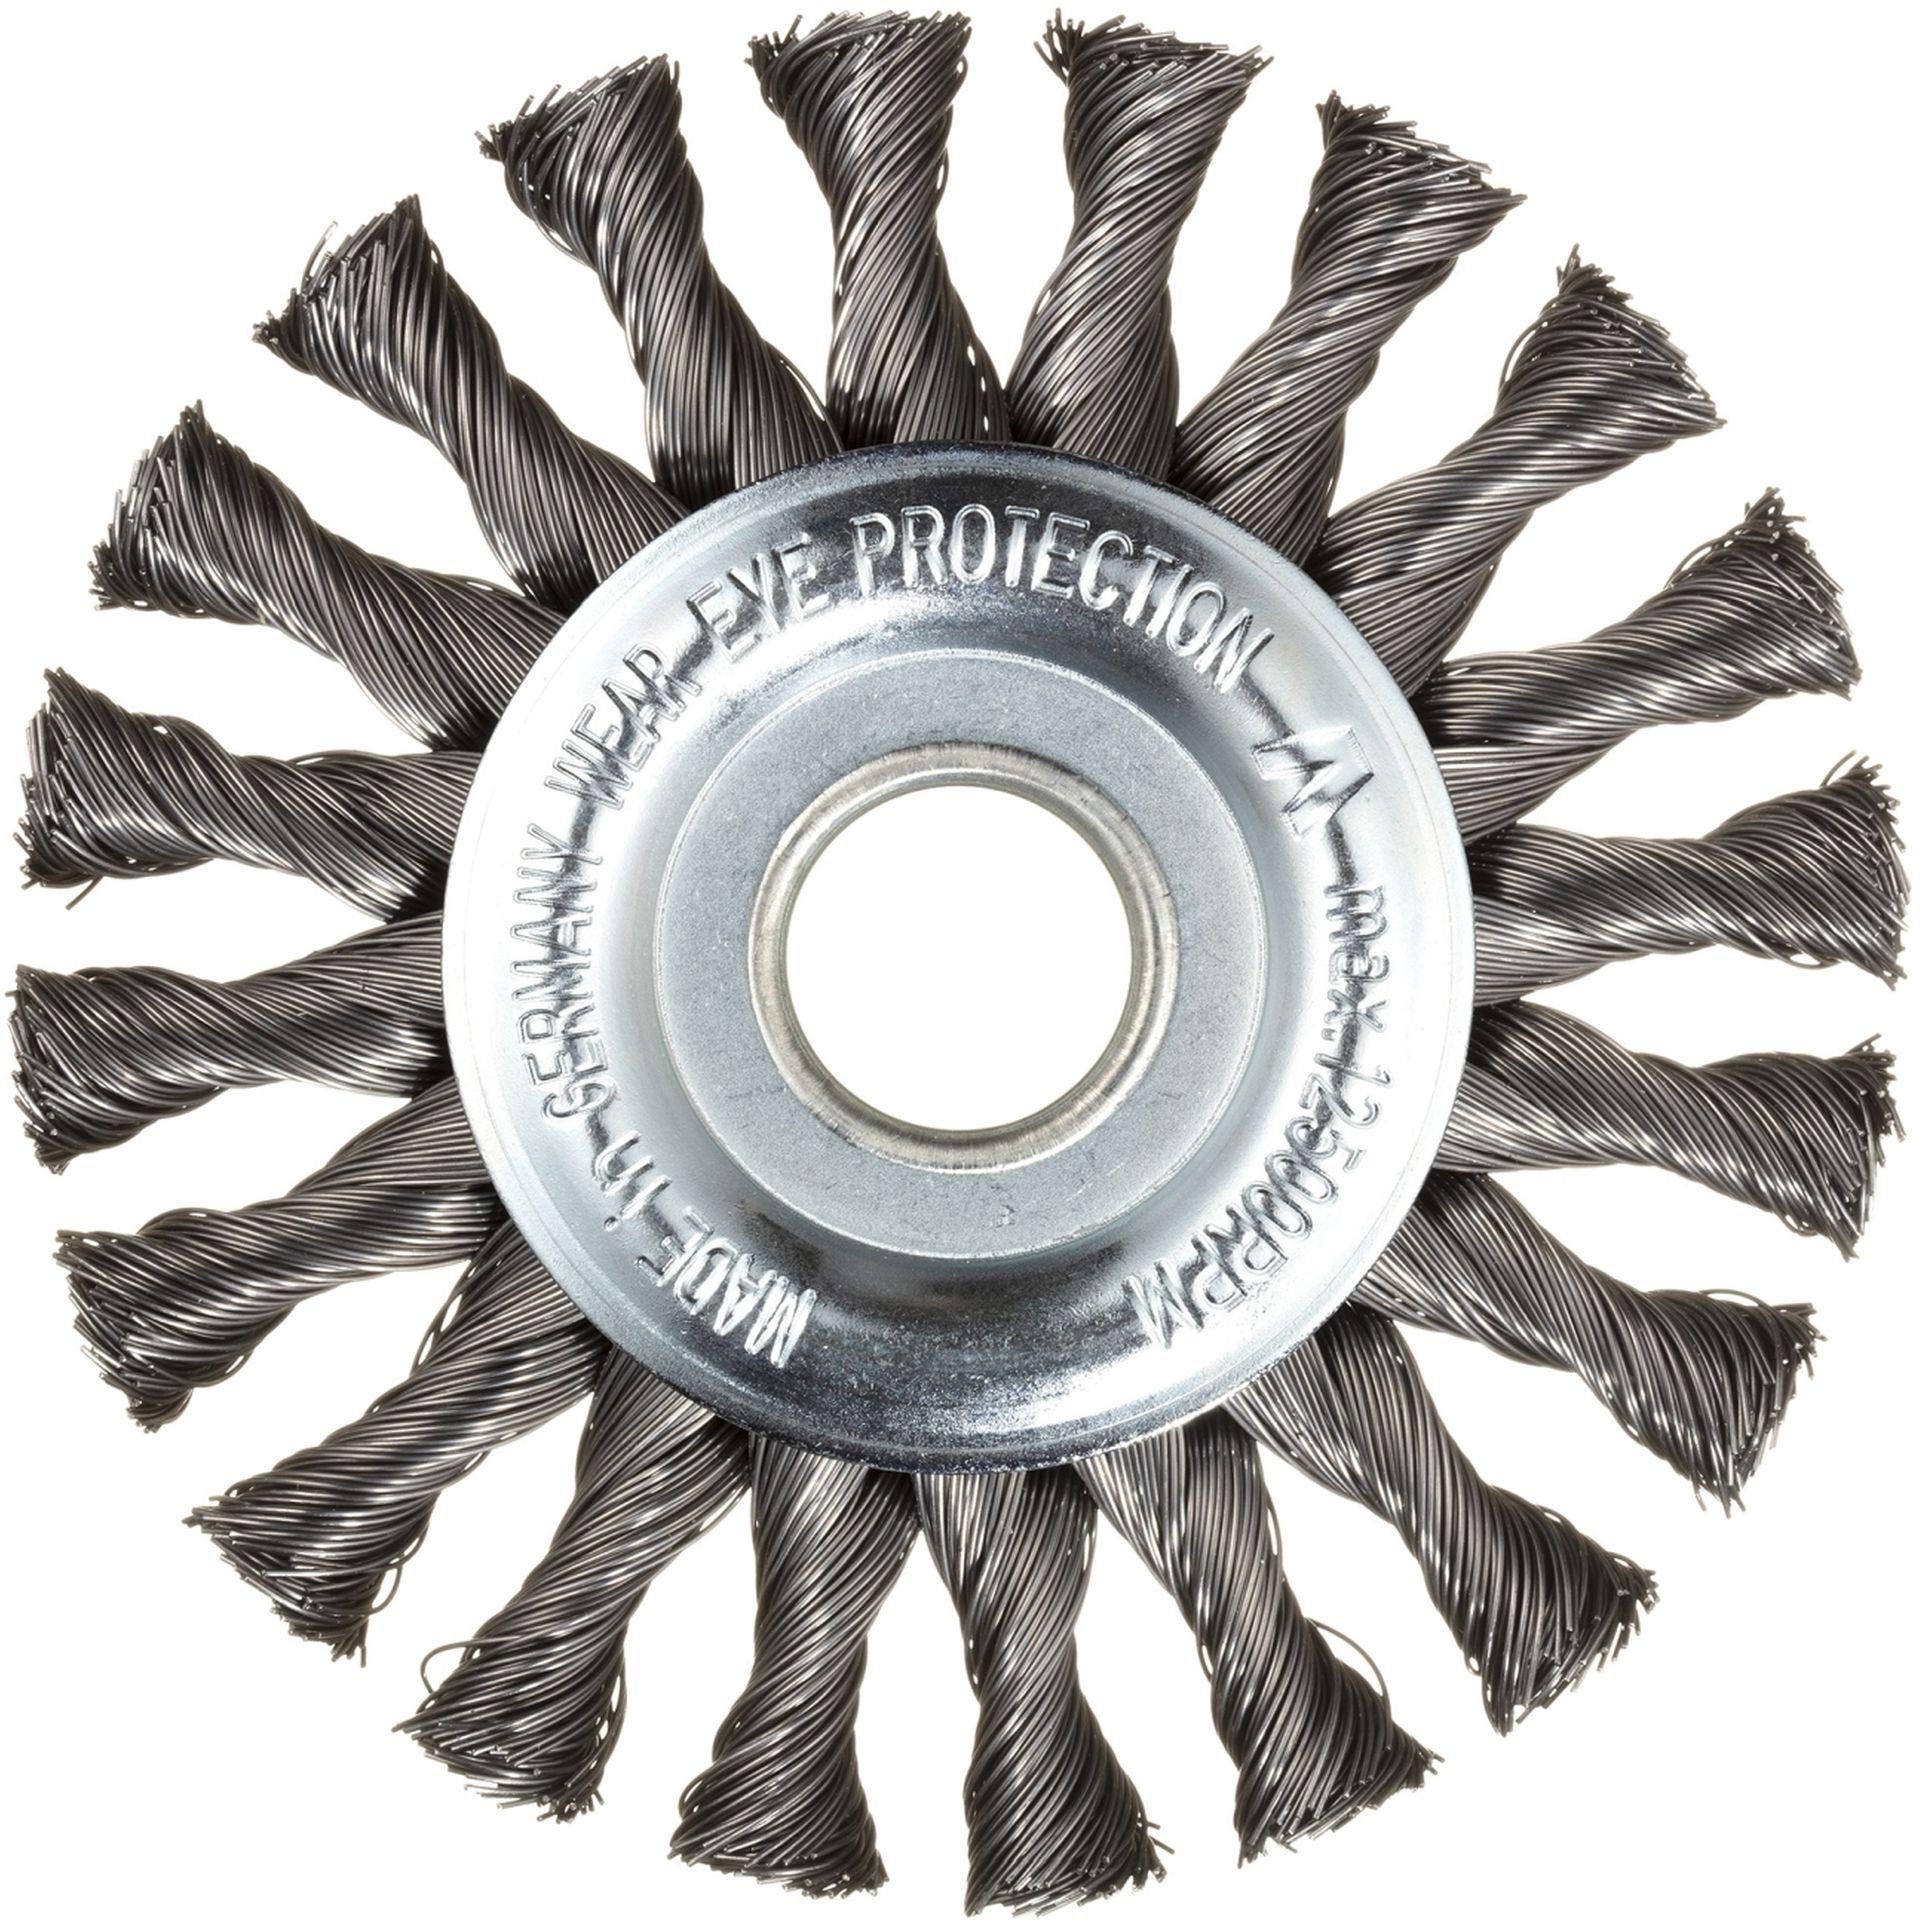 LUKAS Rund-Drahtbürste BRSZ universal 115x12 mm für Winkelschleifer gezopft